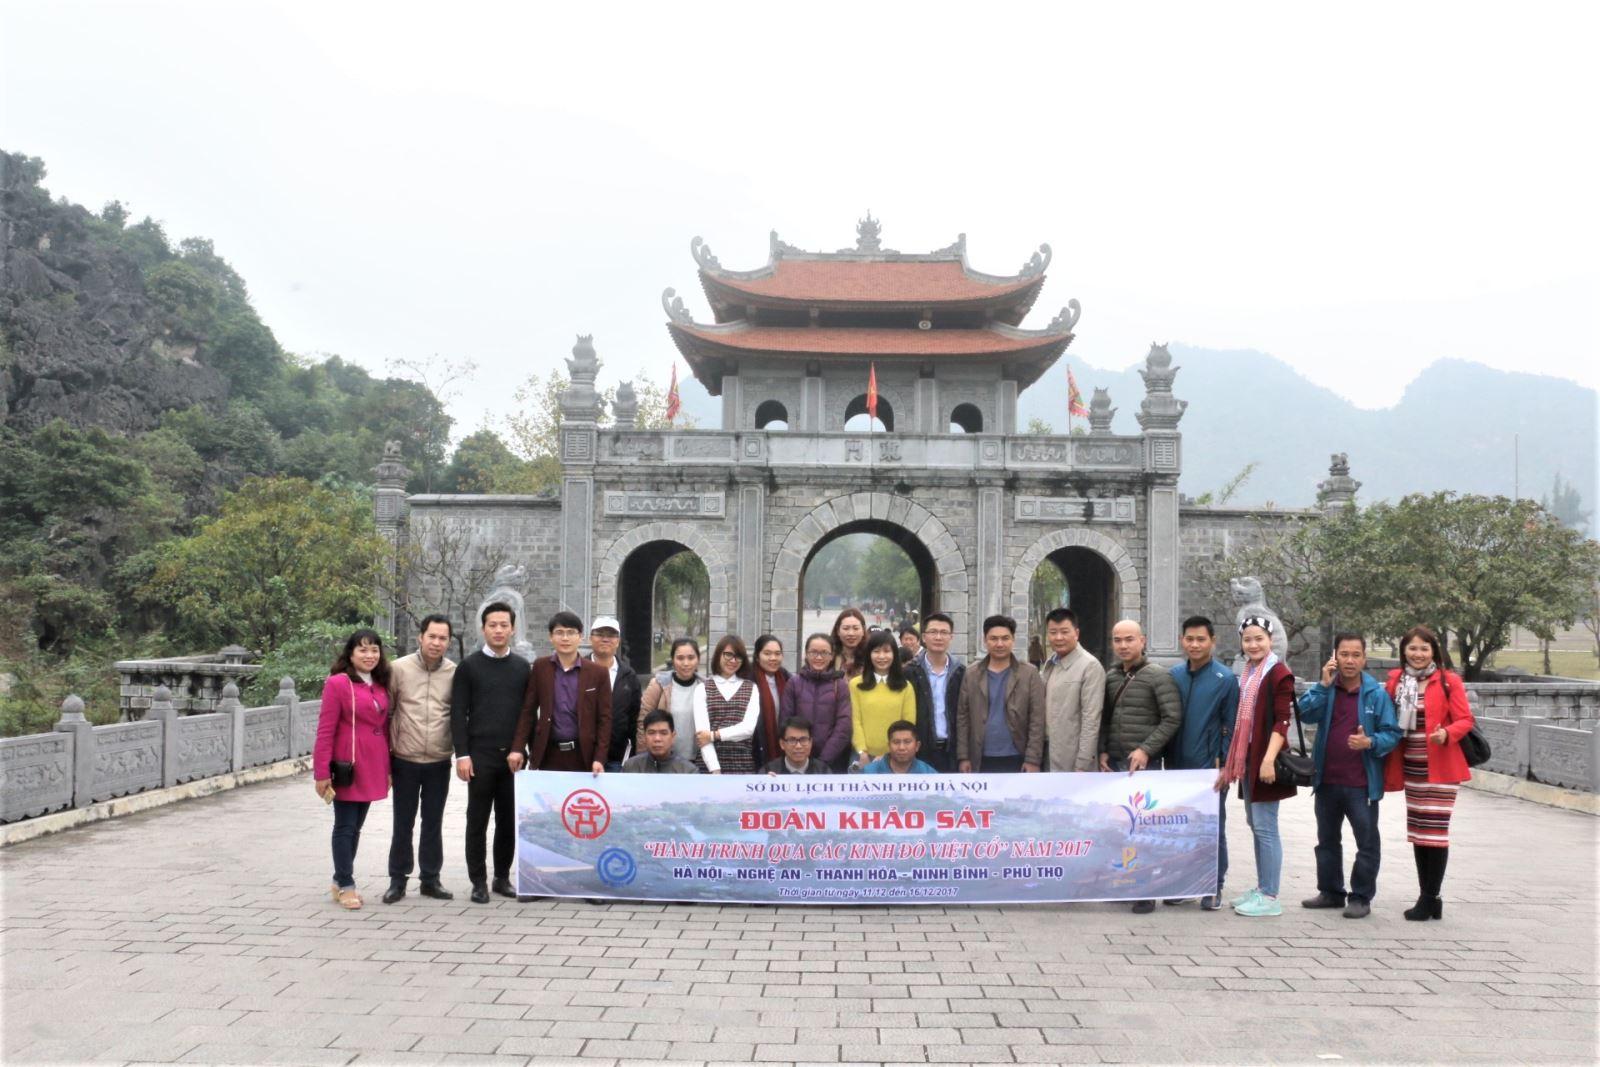 Hành trình qua các kinh đô Việt cổ: Tuyến du lịch không phụ thuộc mùa vụ